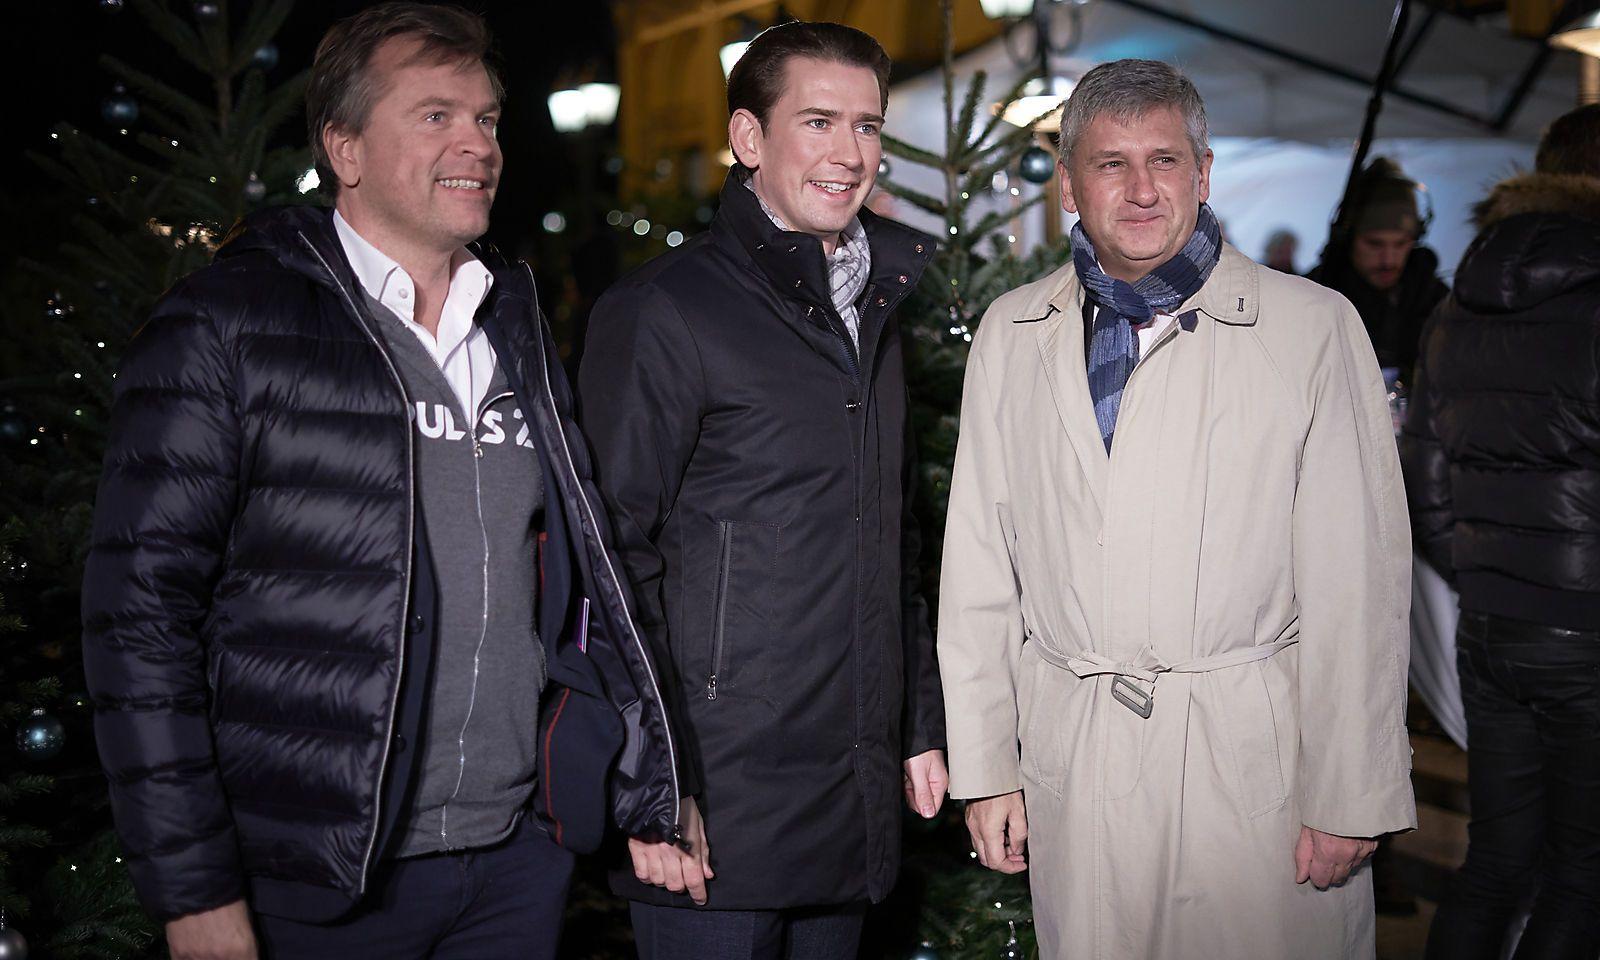 ADVENTFEIER 'PUNSCH UND MARONI': KURZ / BREITENECKER / SPINDELEGGER